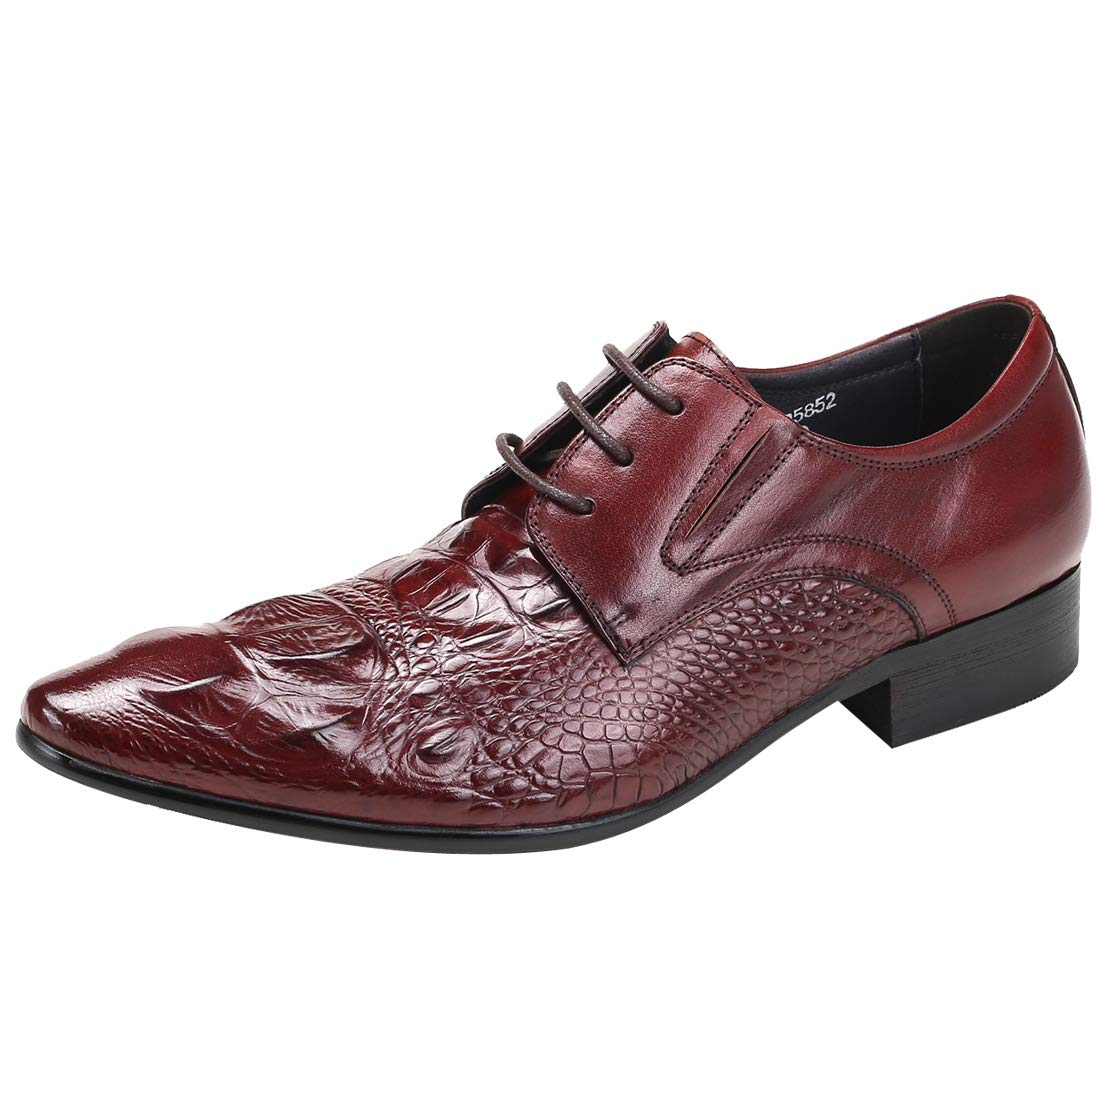 Mönster för röda mänyer mänyer mänyer Krokodiler Derby Business läder Pointed Footwear Formal Genuine Dress Toe skor  designer online